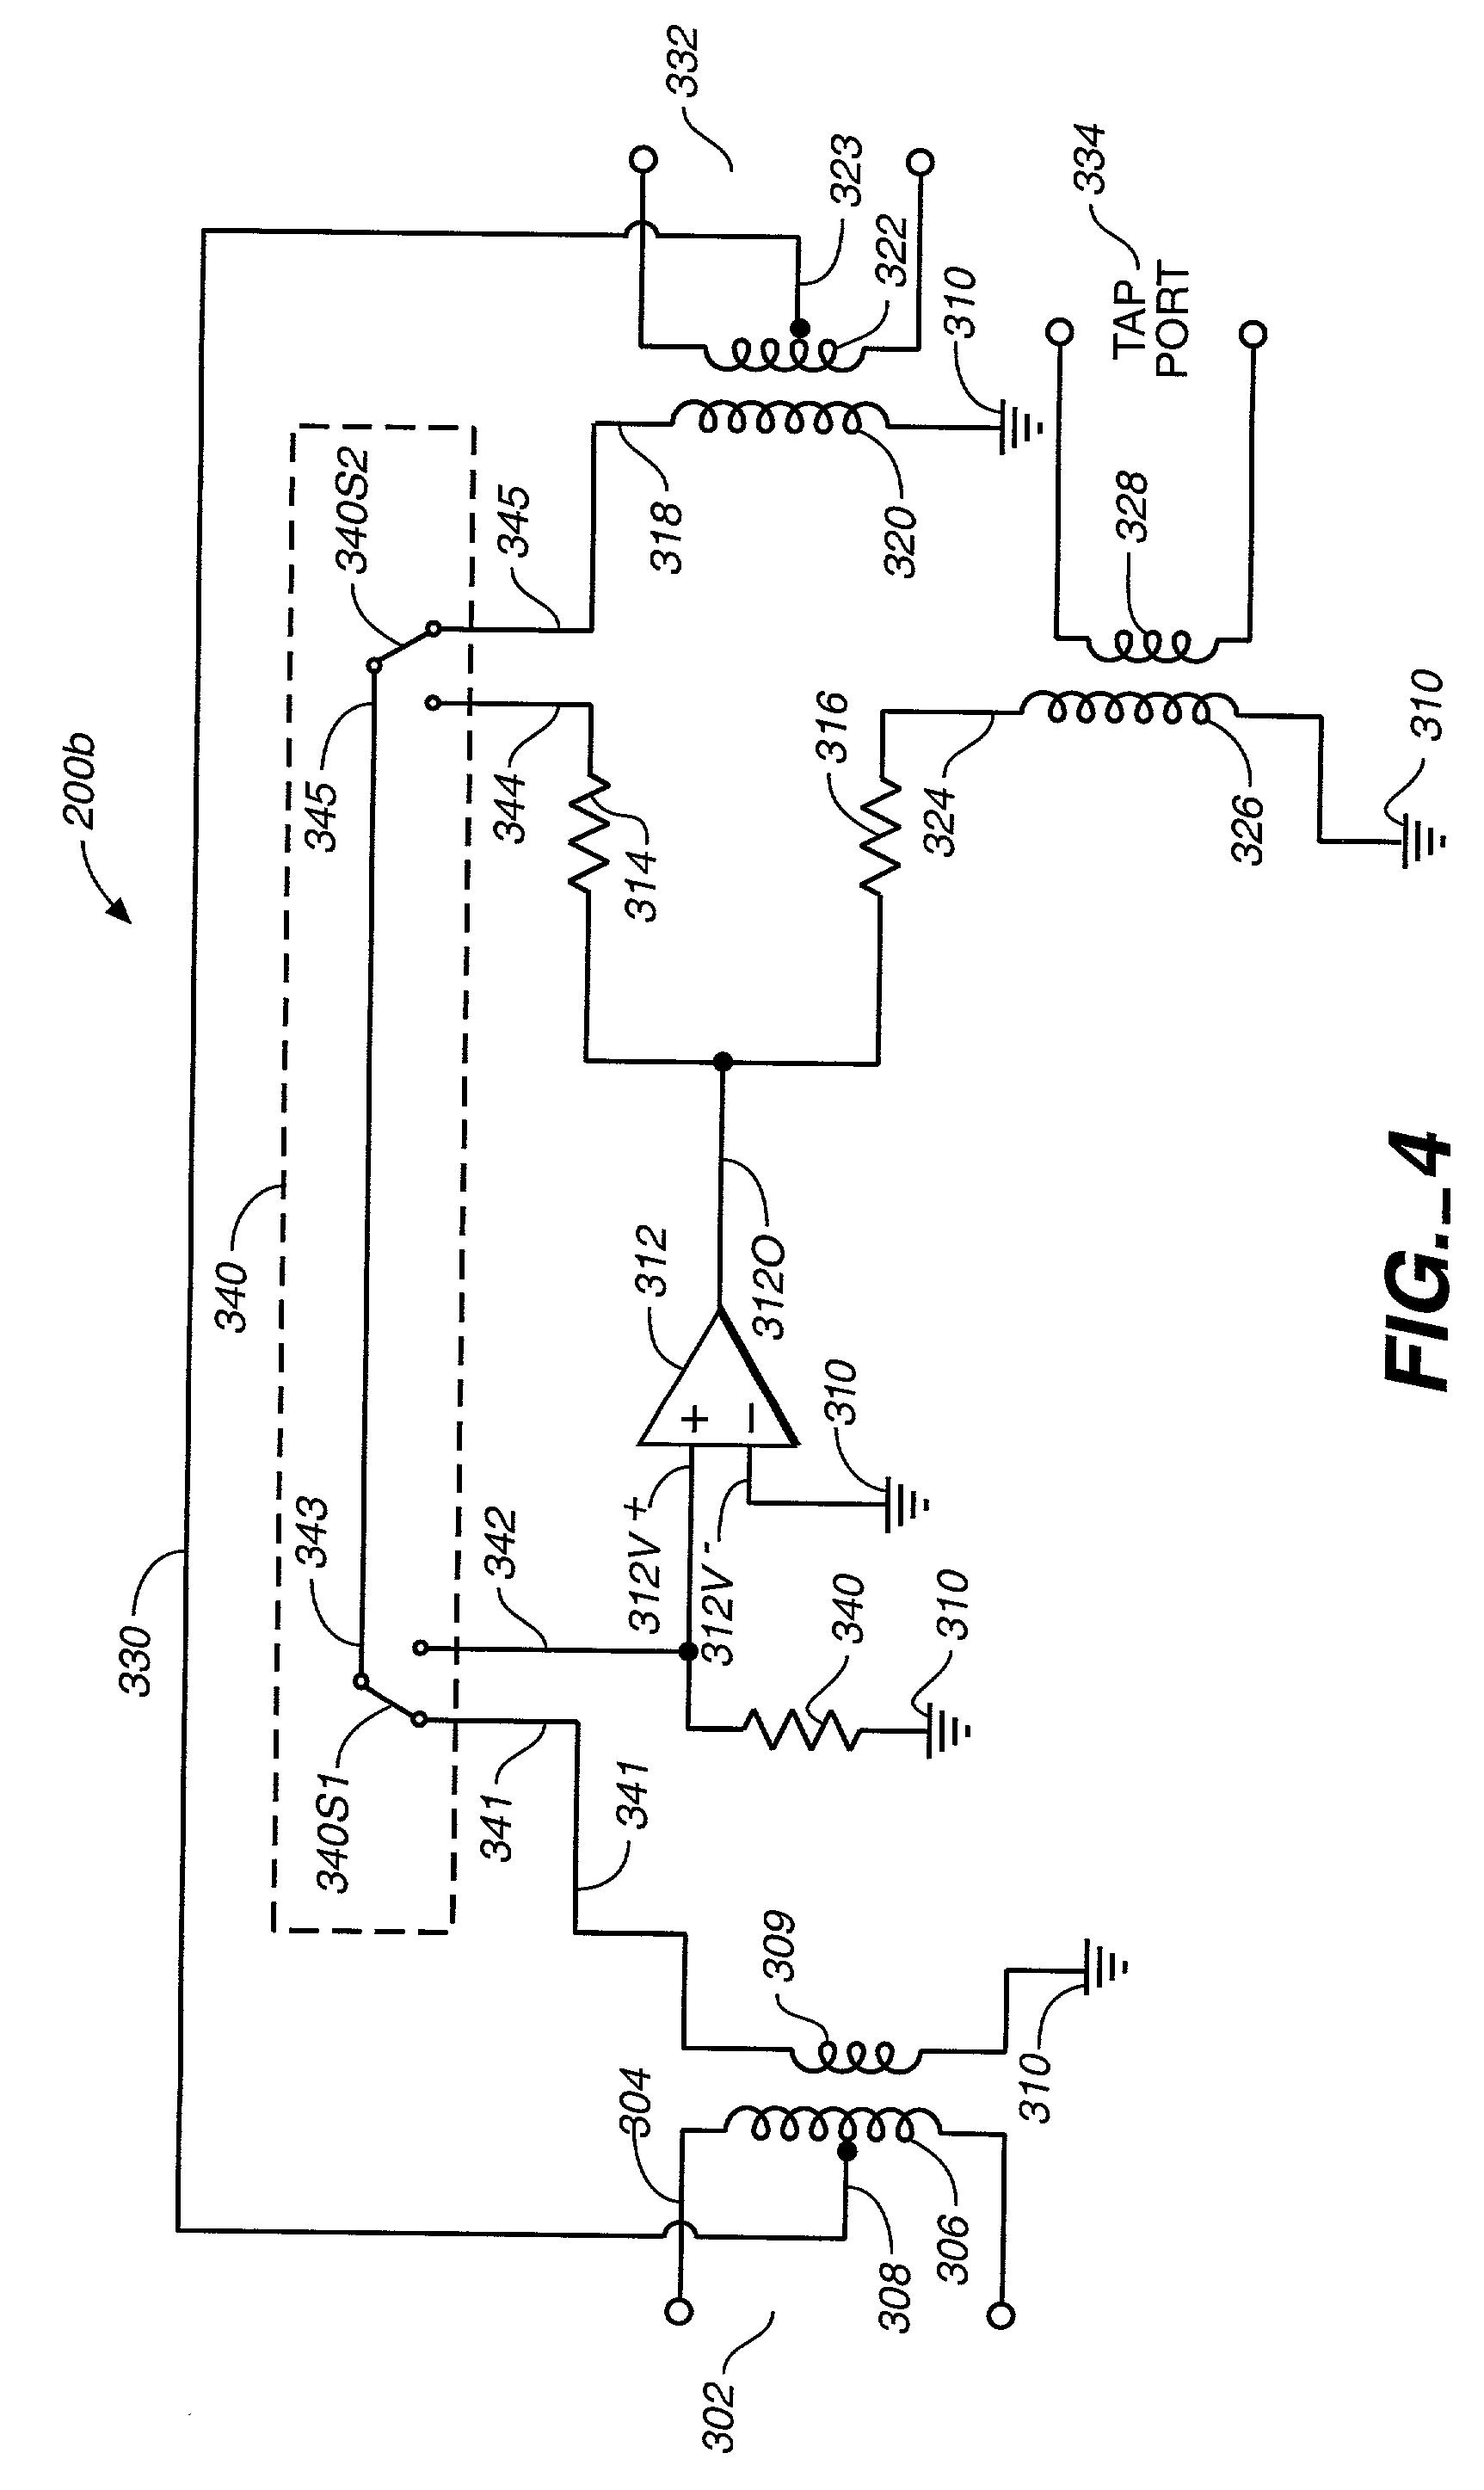 patent us20020180592